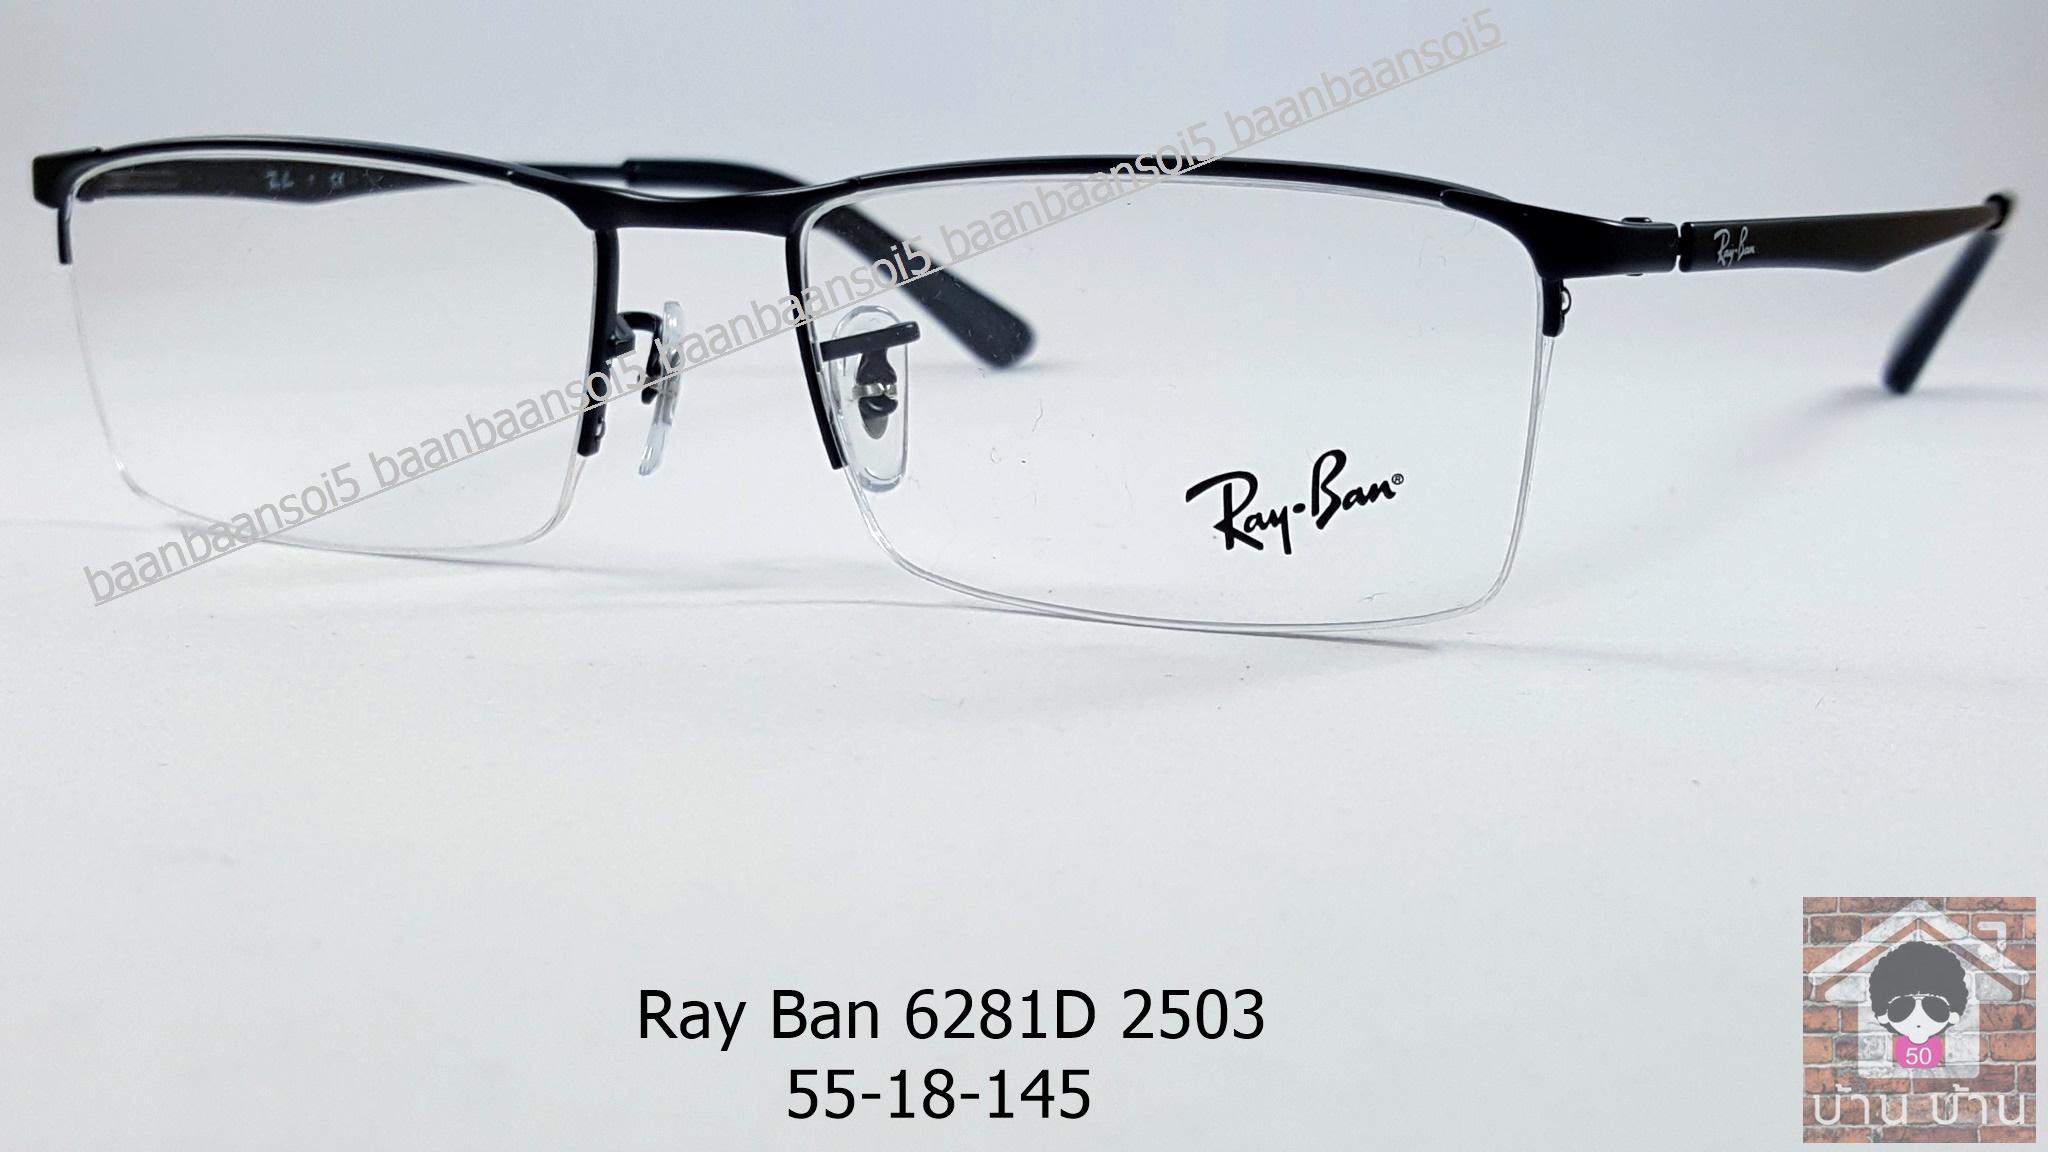 Rayban RX 6281D 5203 โปรโมชั่น กรอบแว่นตาพร้อมเลนส์ HOYA ราคา 2,900 บาท